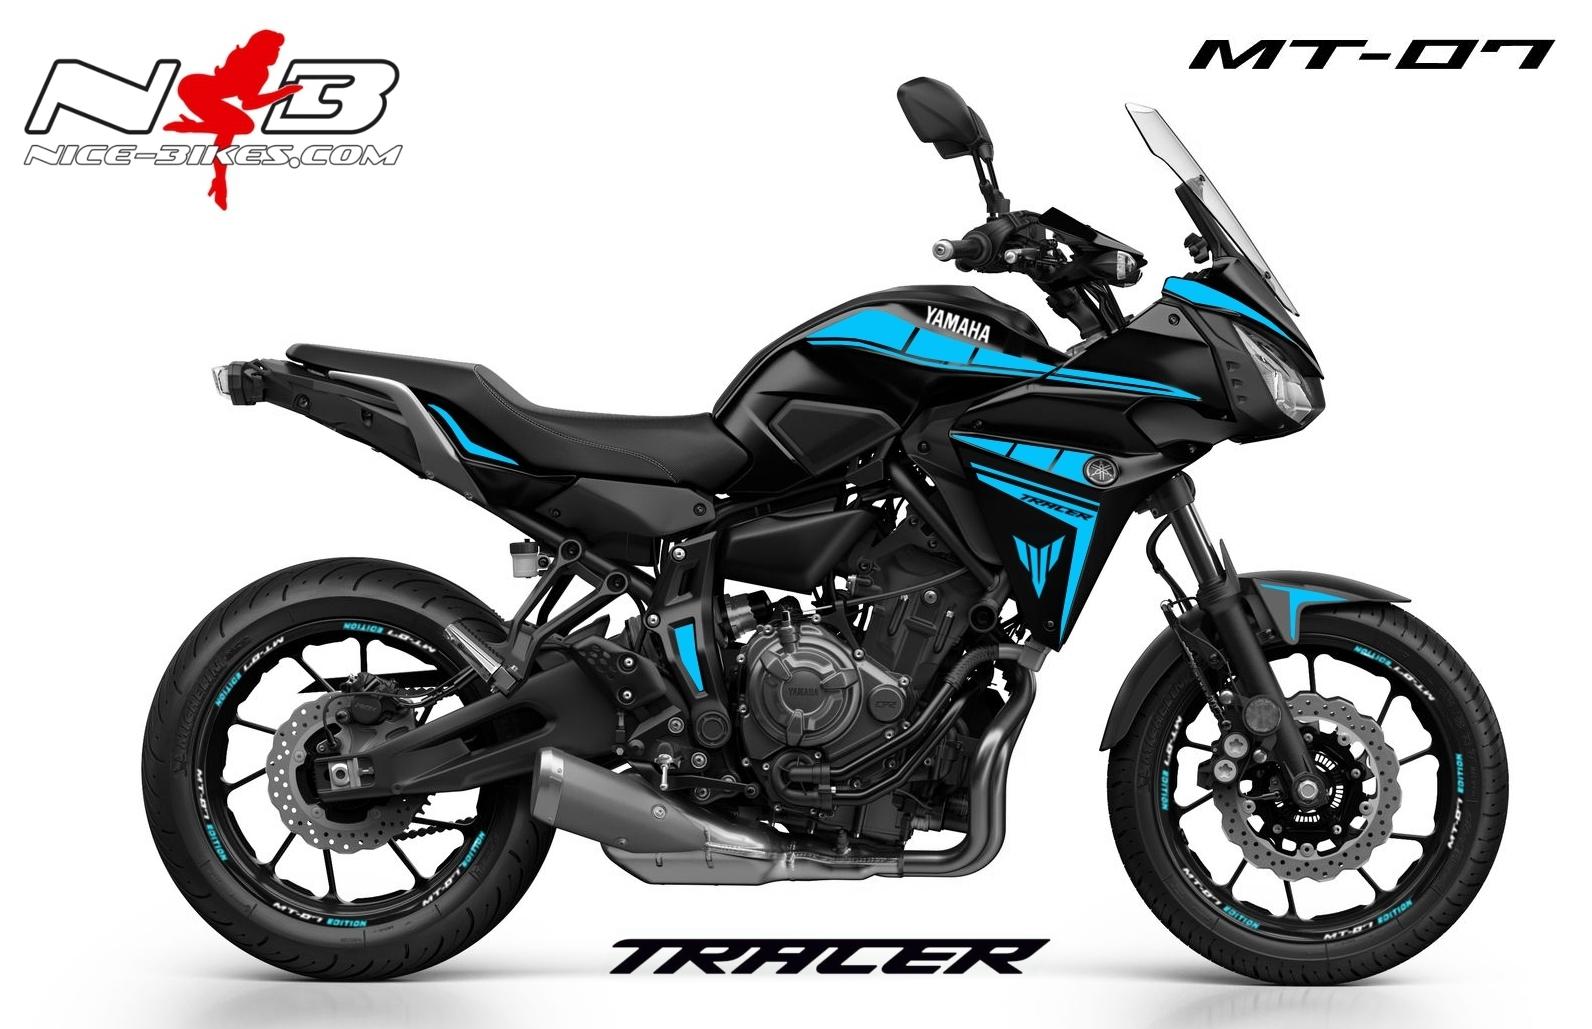 MT07 Tracer hellblau auf schwarzer Maschine